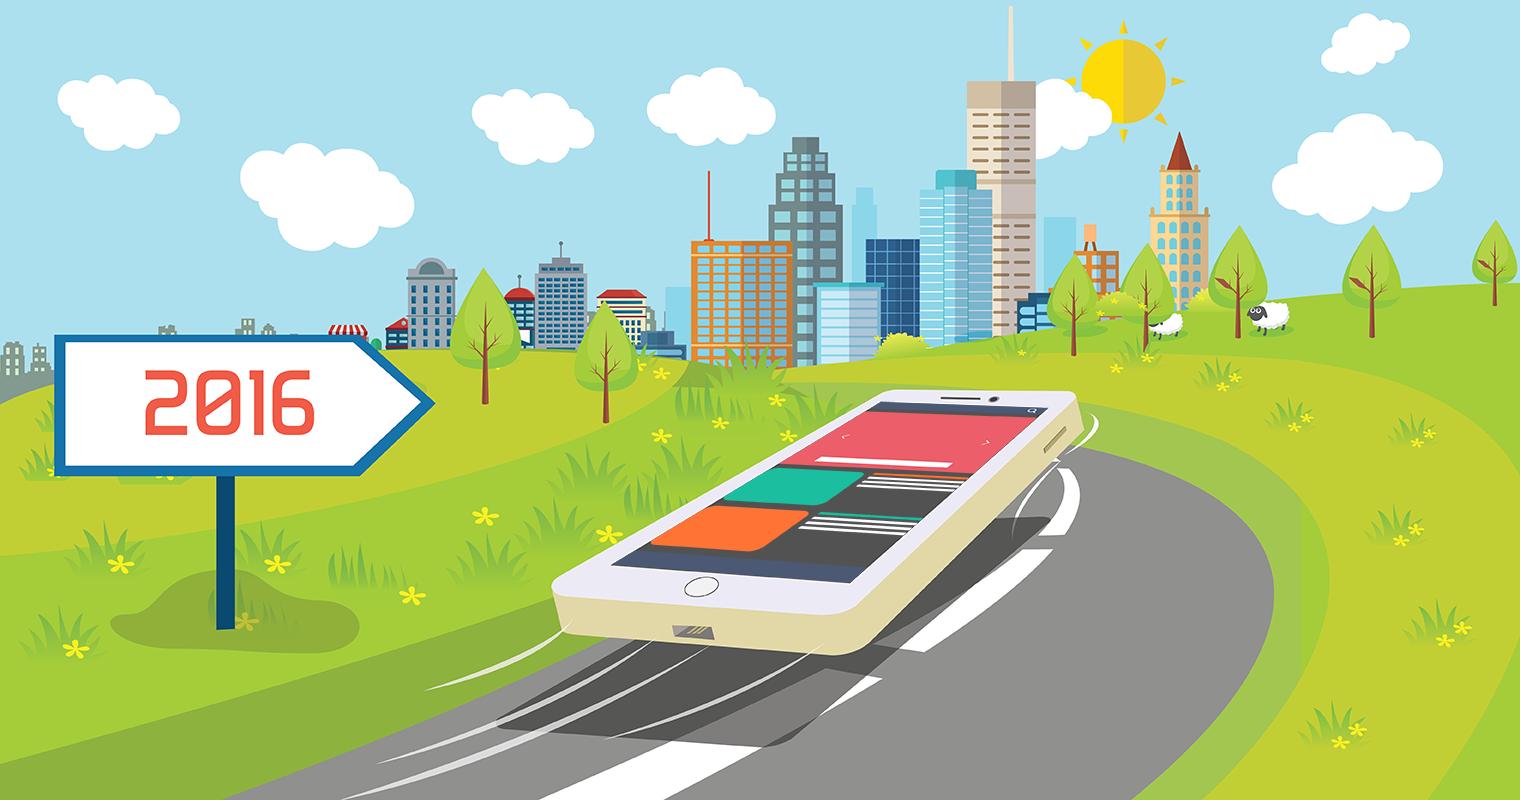 5 Interesting Mobile App Development Trends for 2016